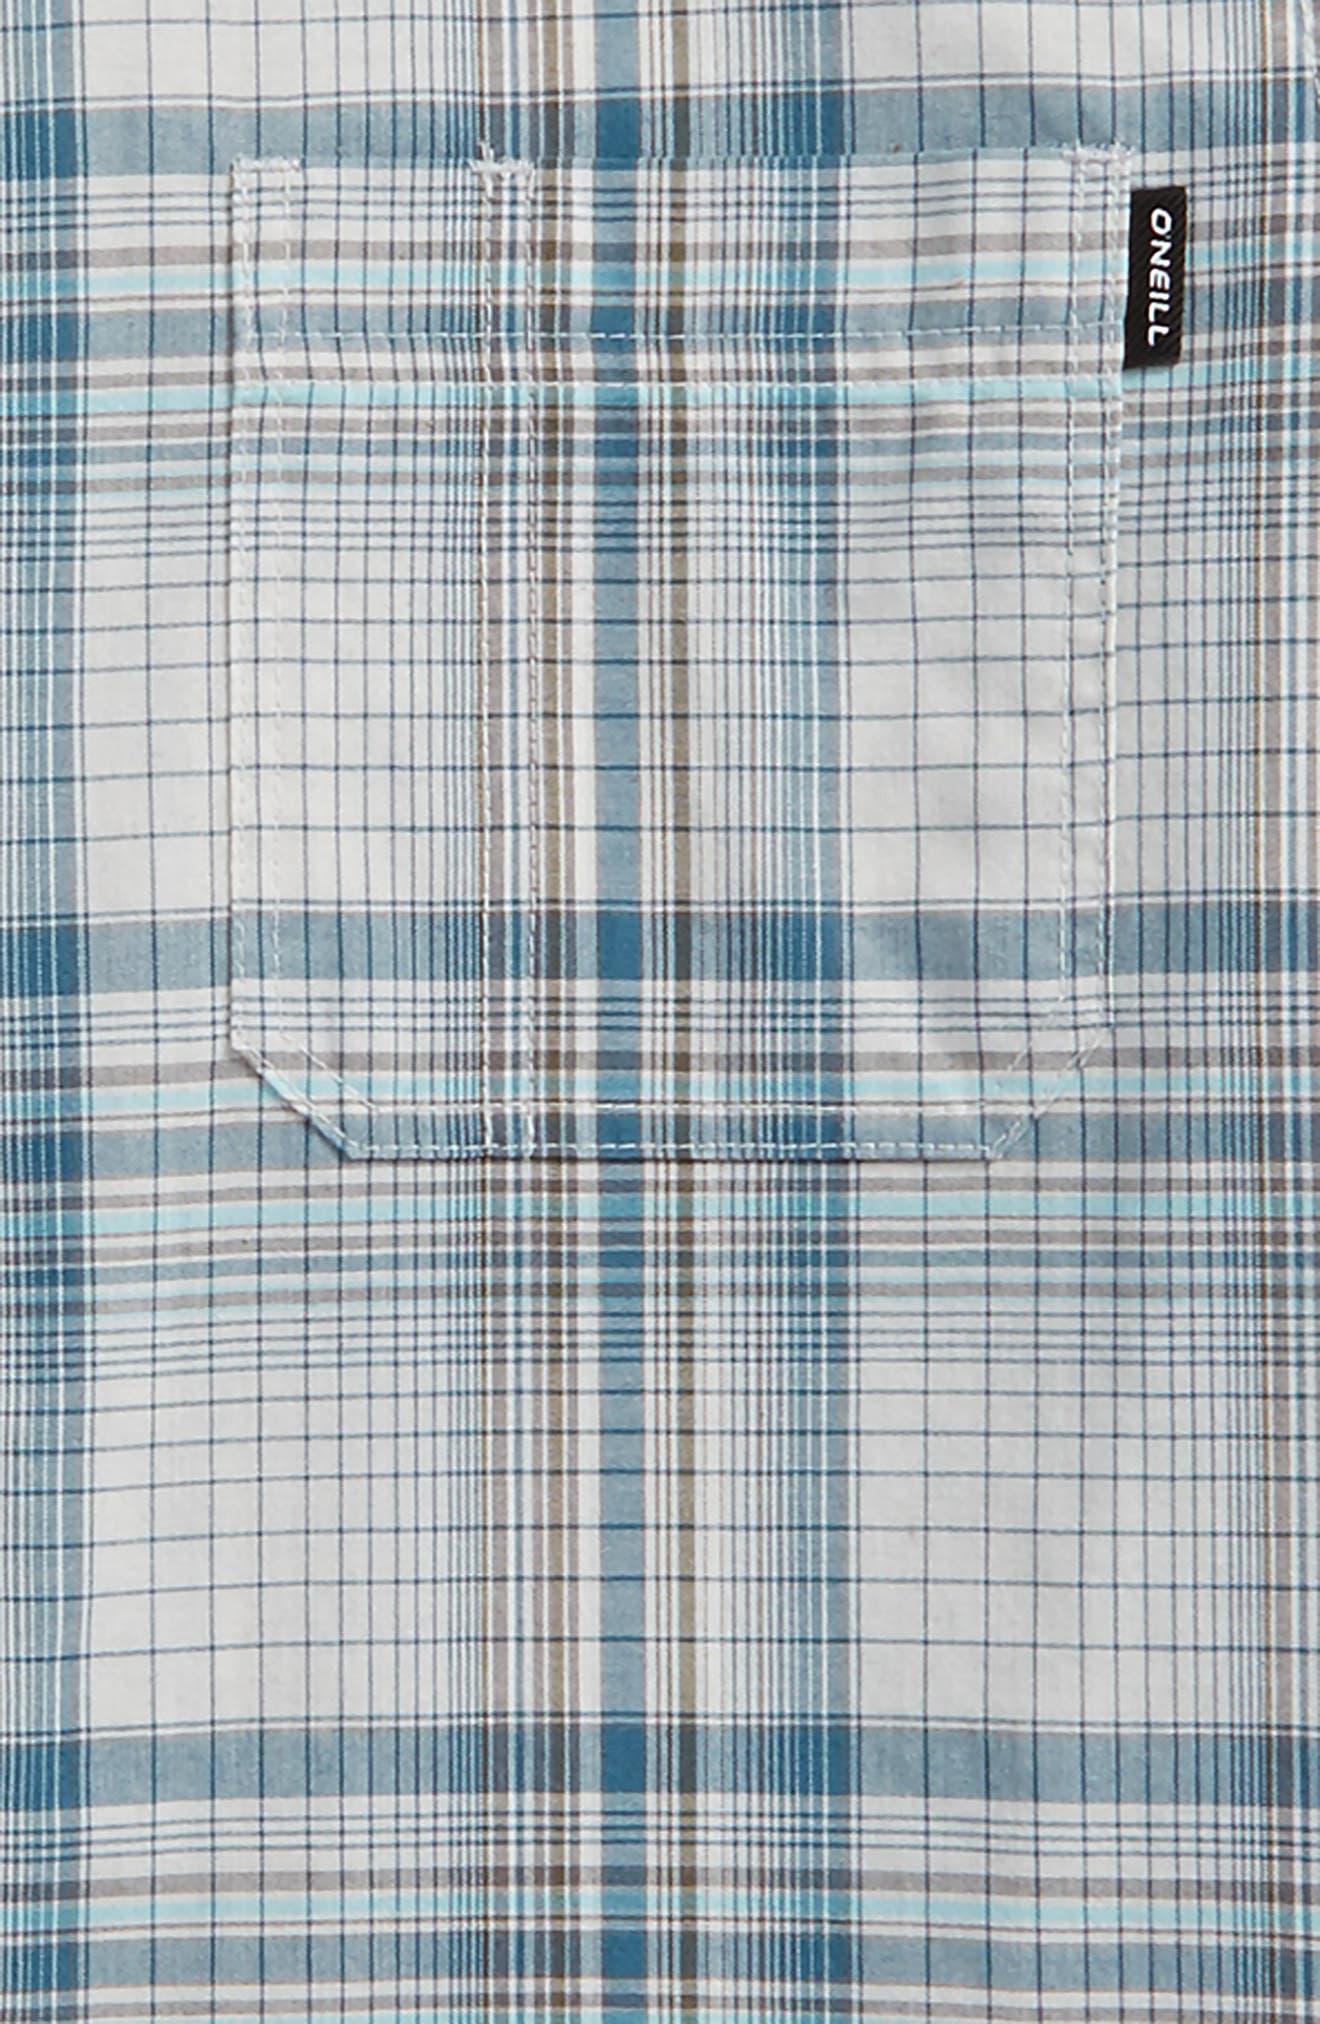 Sturghill Plaid Woven Shirt,                             Alternate thumbnail 3, color,